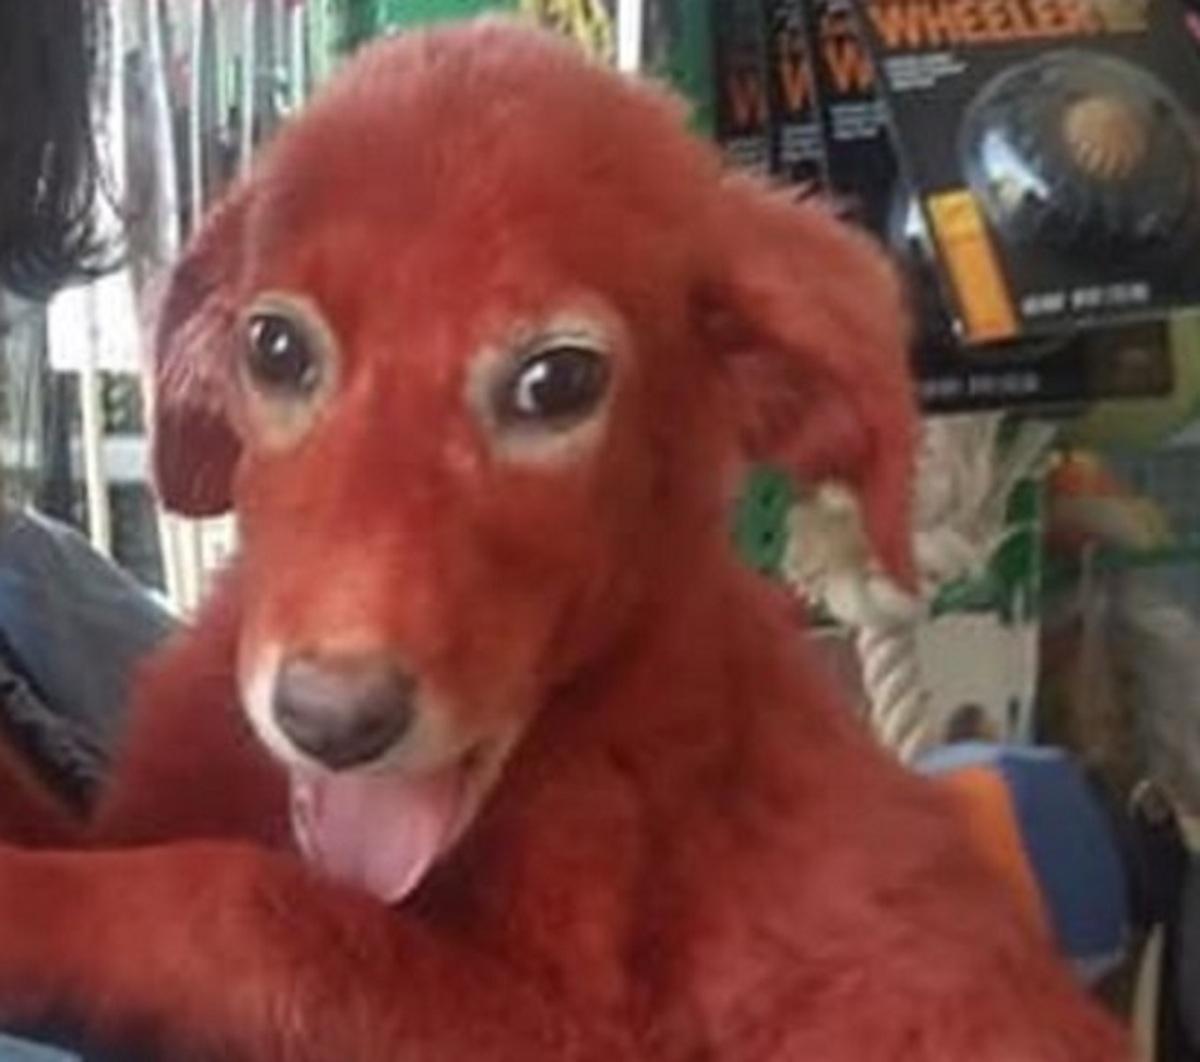 Βοιωτία: Έτσι είναι σήμερα το κουτάβι που έβαψαν με κόκκινη βαφή μαλλιών – Η μεγάλη αγκαλιά αγάπης [pics, video]